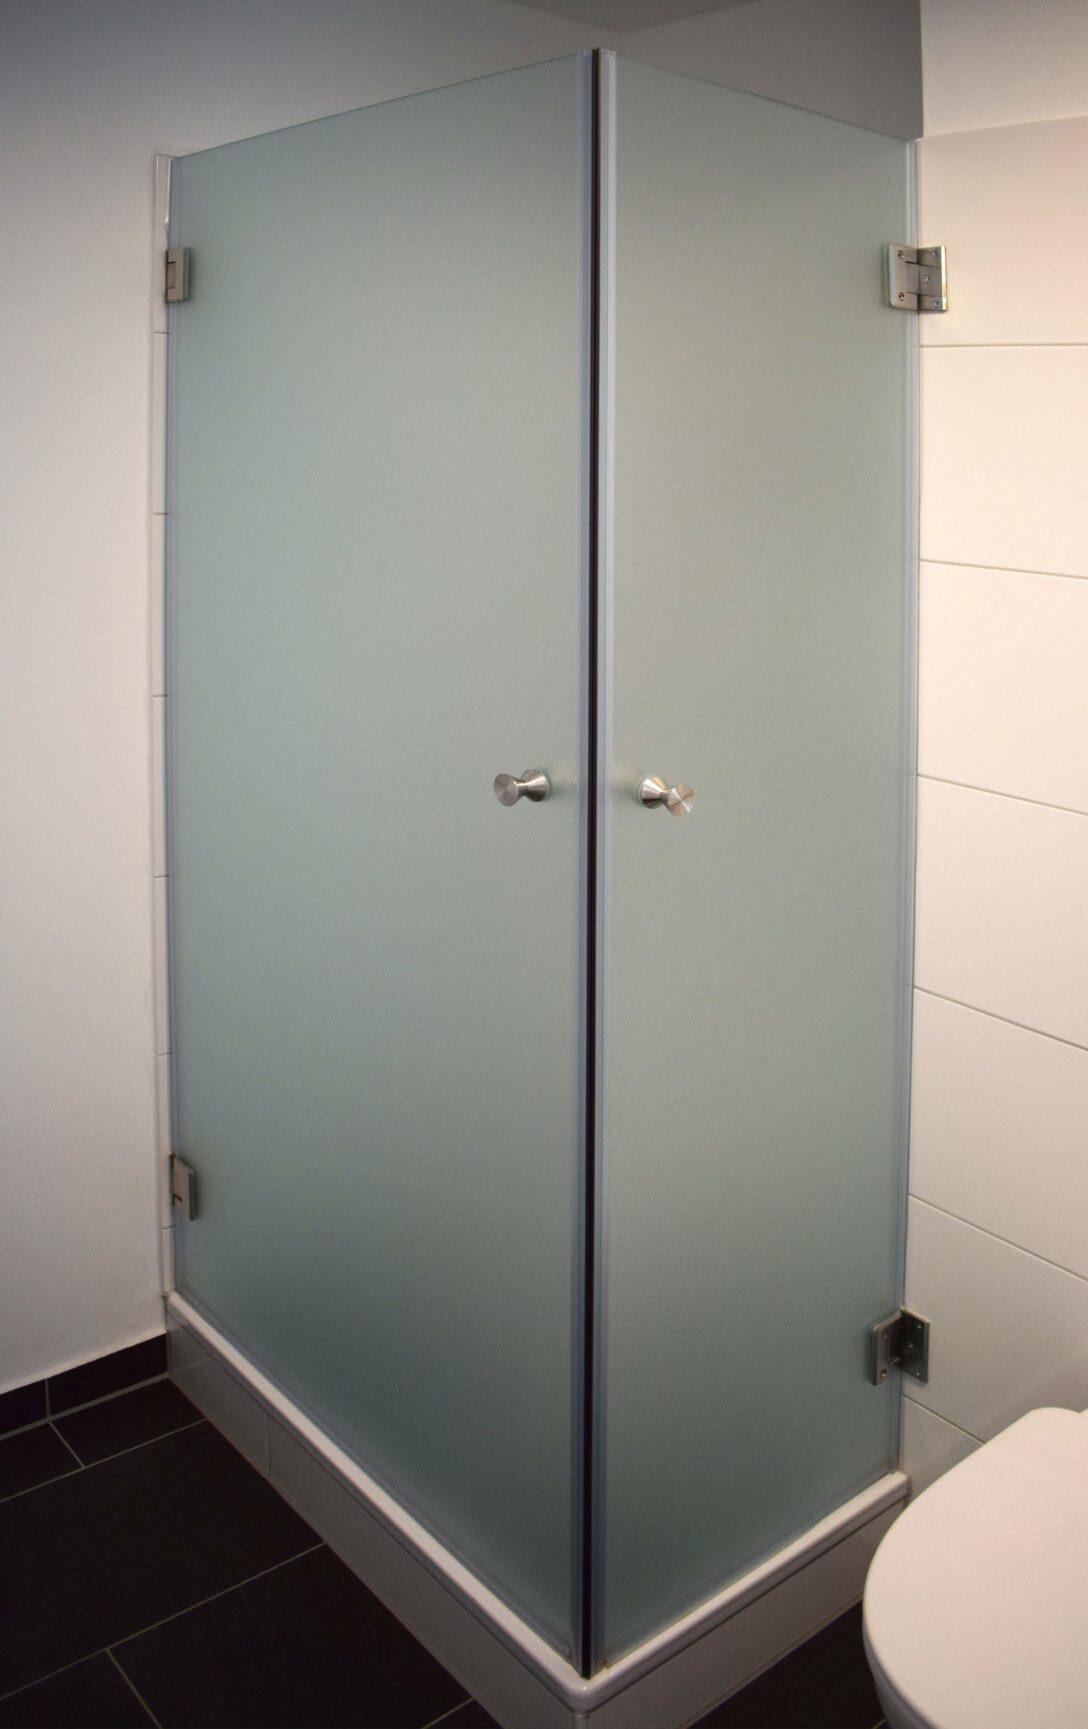 Large Size of Blickdichte Eckdusche Geschlossen Mit Satiniertem Glas Und 180 Badewanne Dusche Ebenerdige Fliesen Sprinz Duschen Einhebelmischer Tür Behindertengerechte Dusche Glaswand Dusche